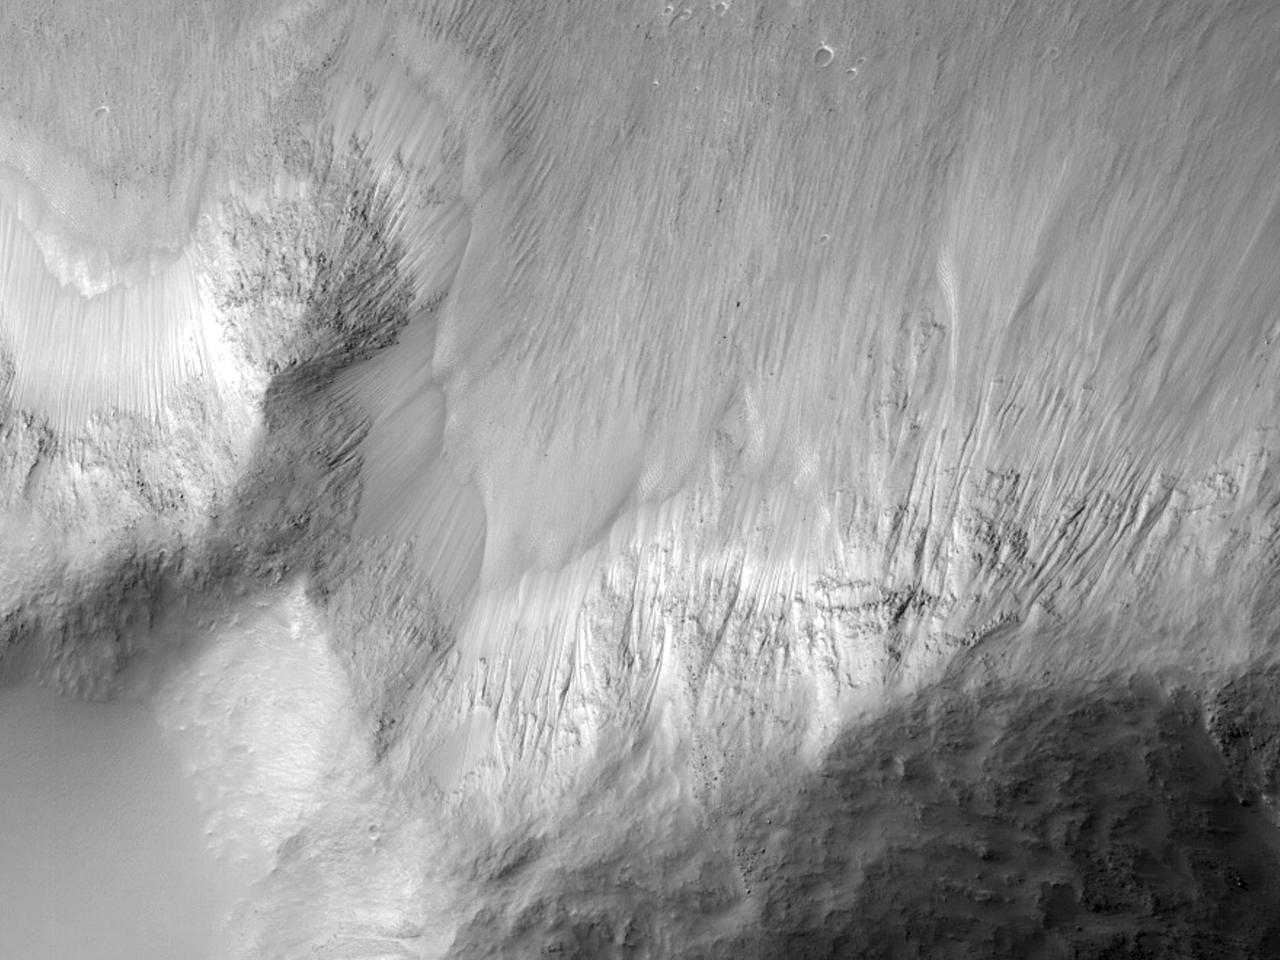 Склоны каньона Juventae Chasma